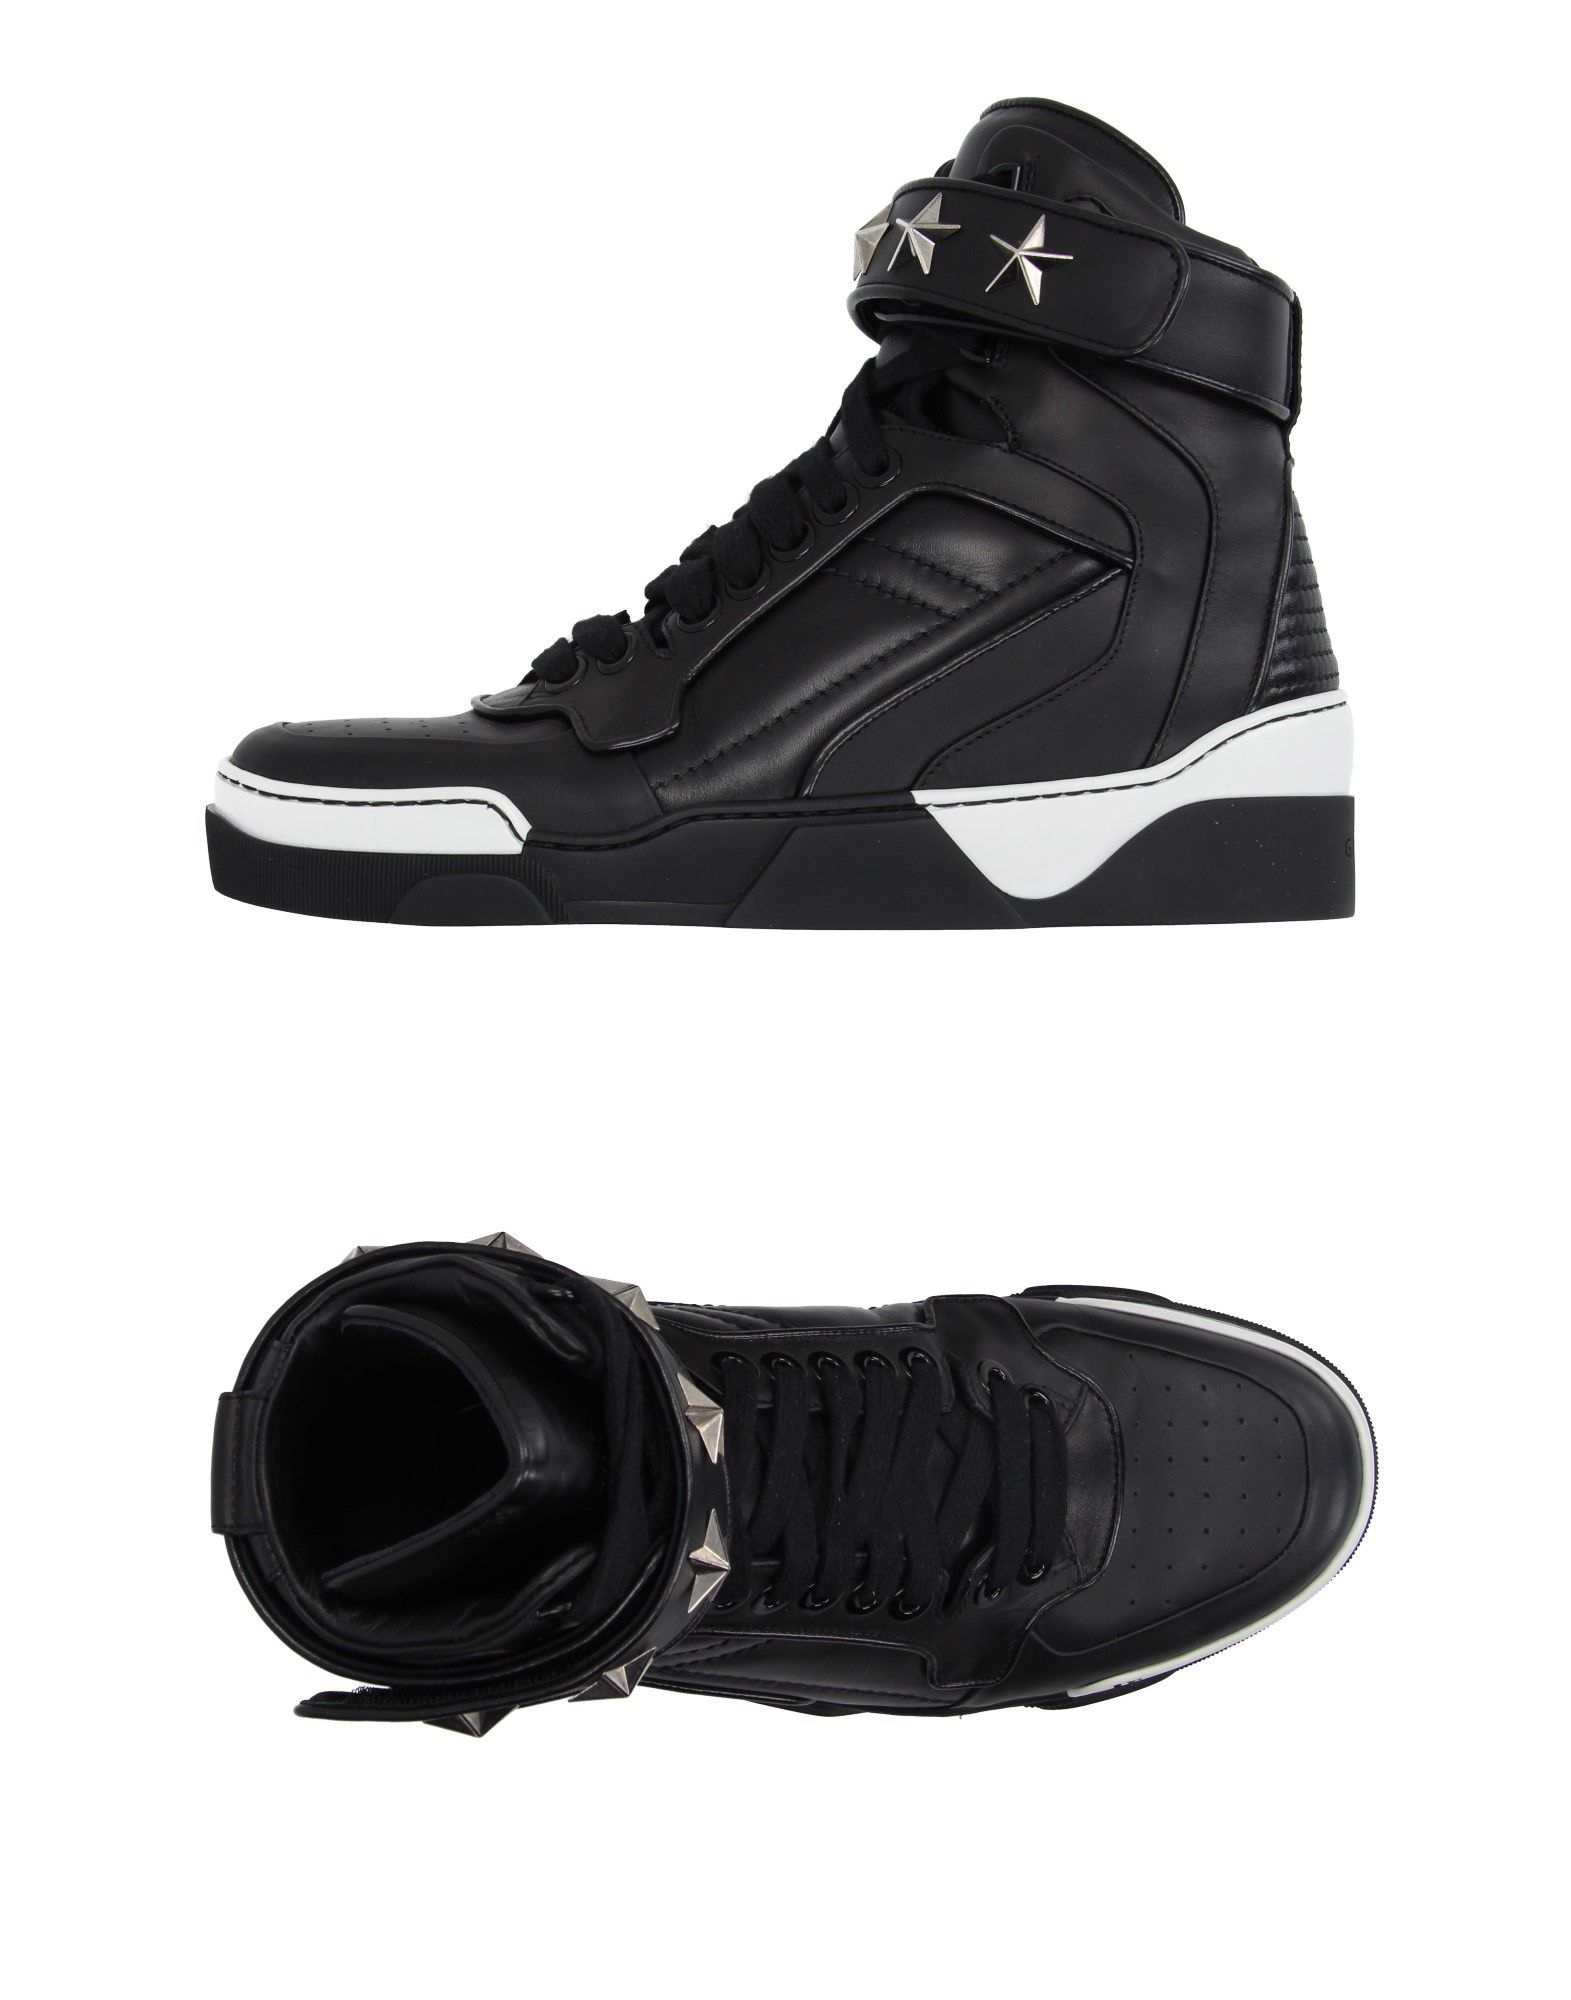 Givenchy Sneakers Herren  11019403FI Schuhe Gute Qualität beliebte Schuhe 11019403FI 36572c